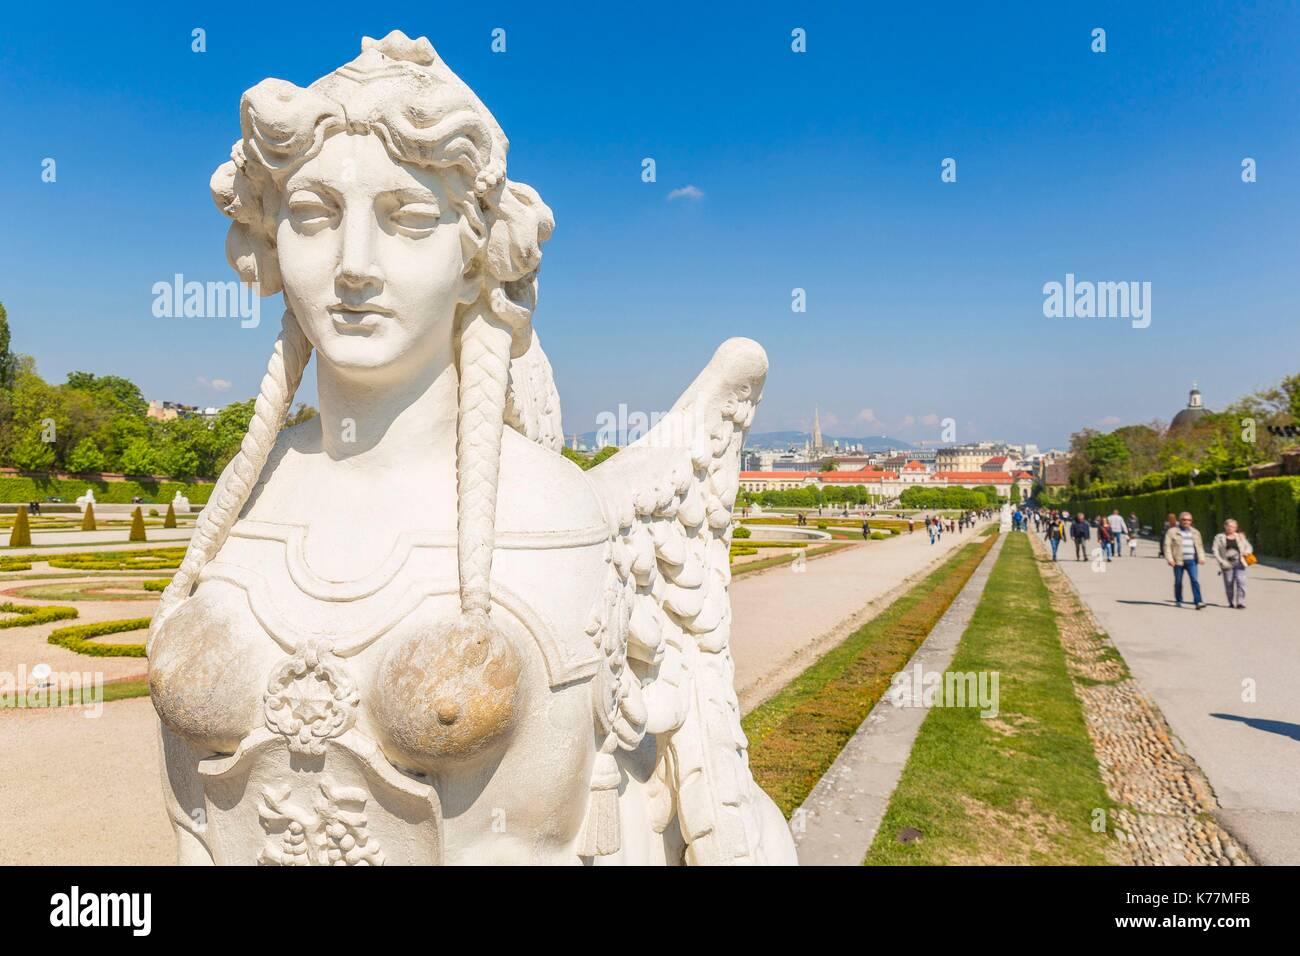 Österreich, Wien, Altstadt zum Weltkulturerbe der UNESCO, Unteres Belvedere, Barock von Johann Lukas von Hildebrandt Stockbild